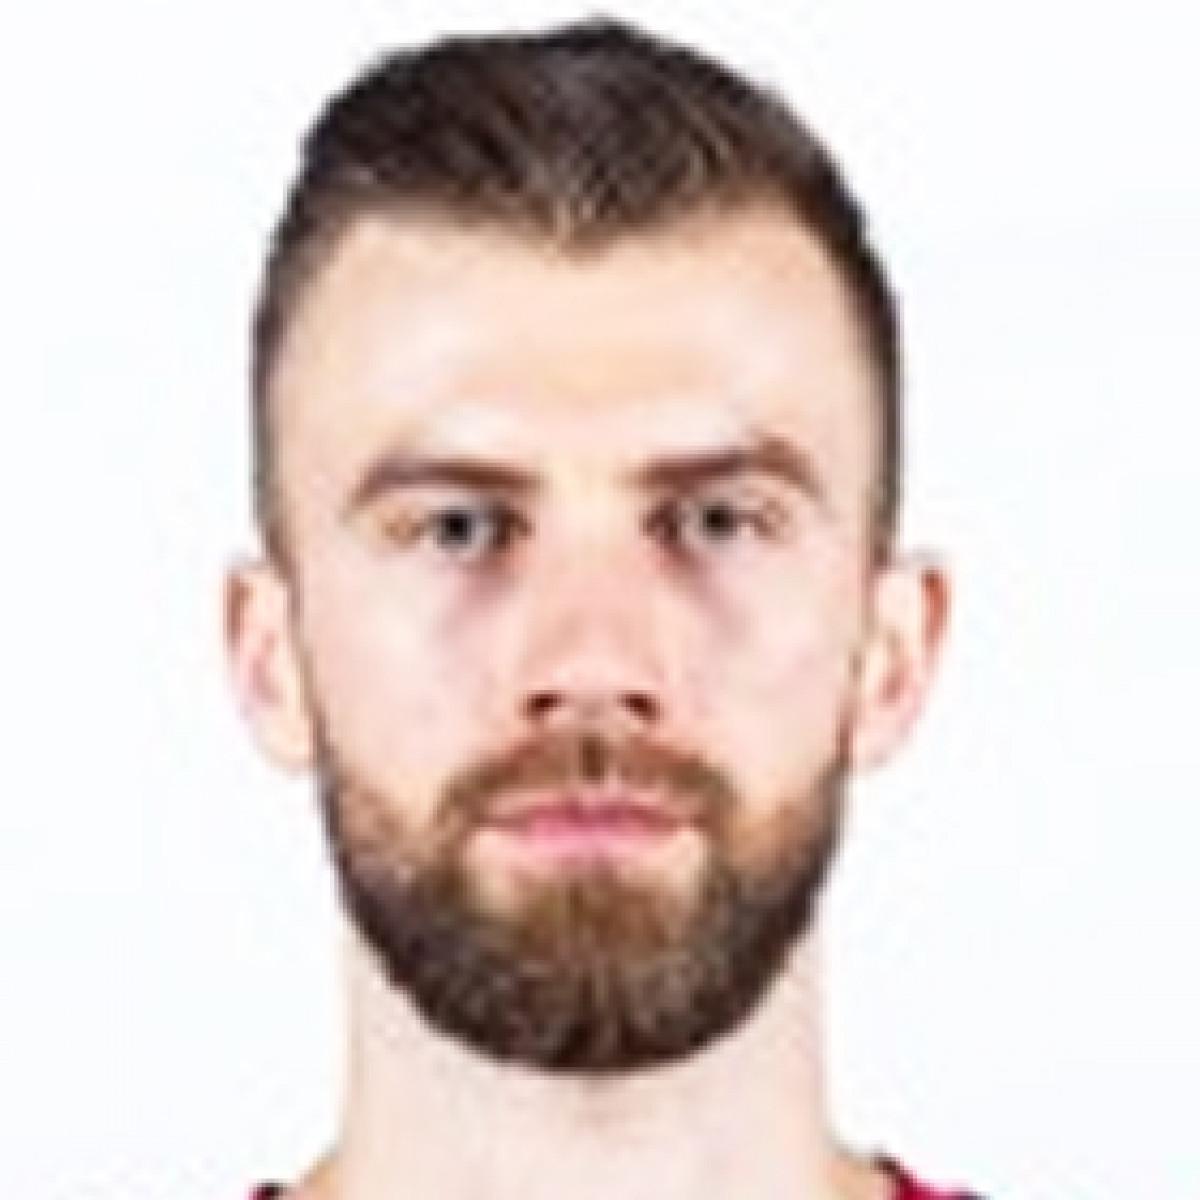 Pawel Kikowski